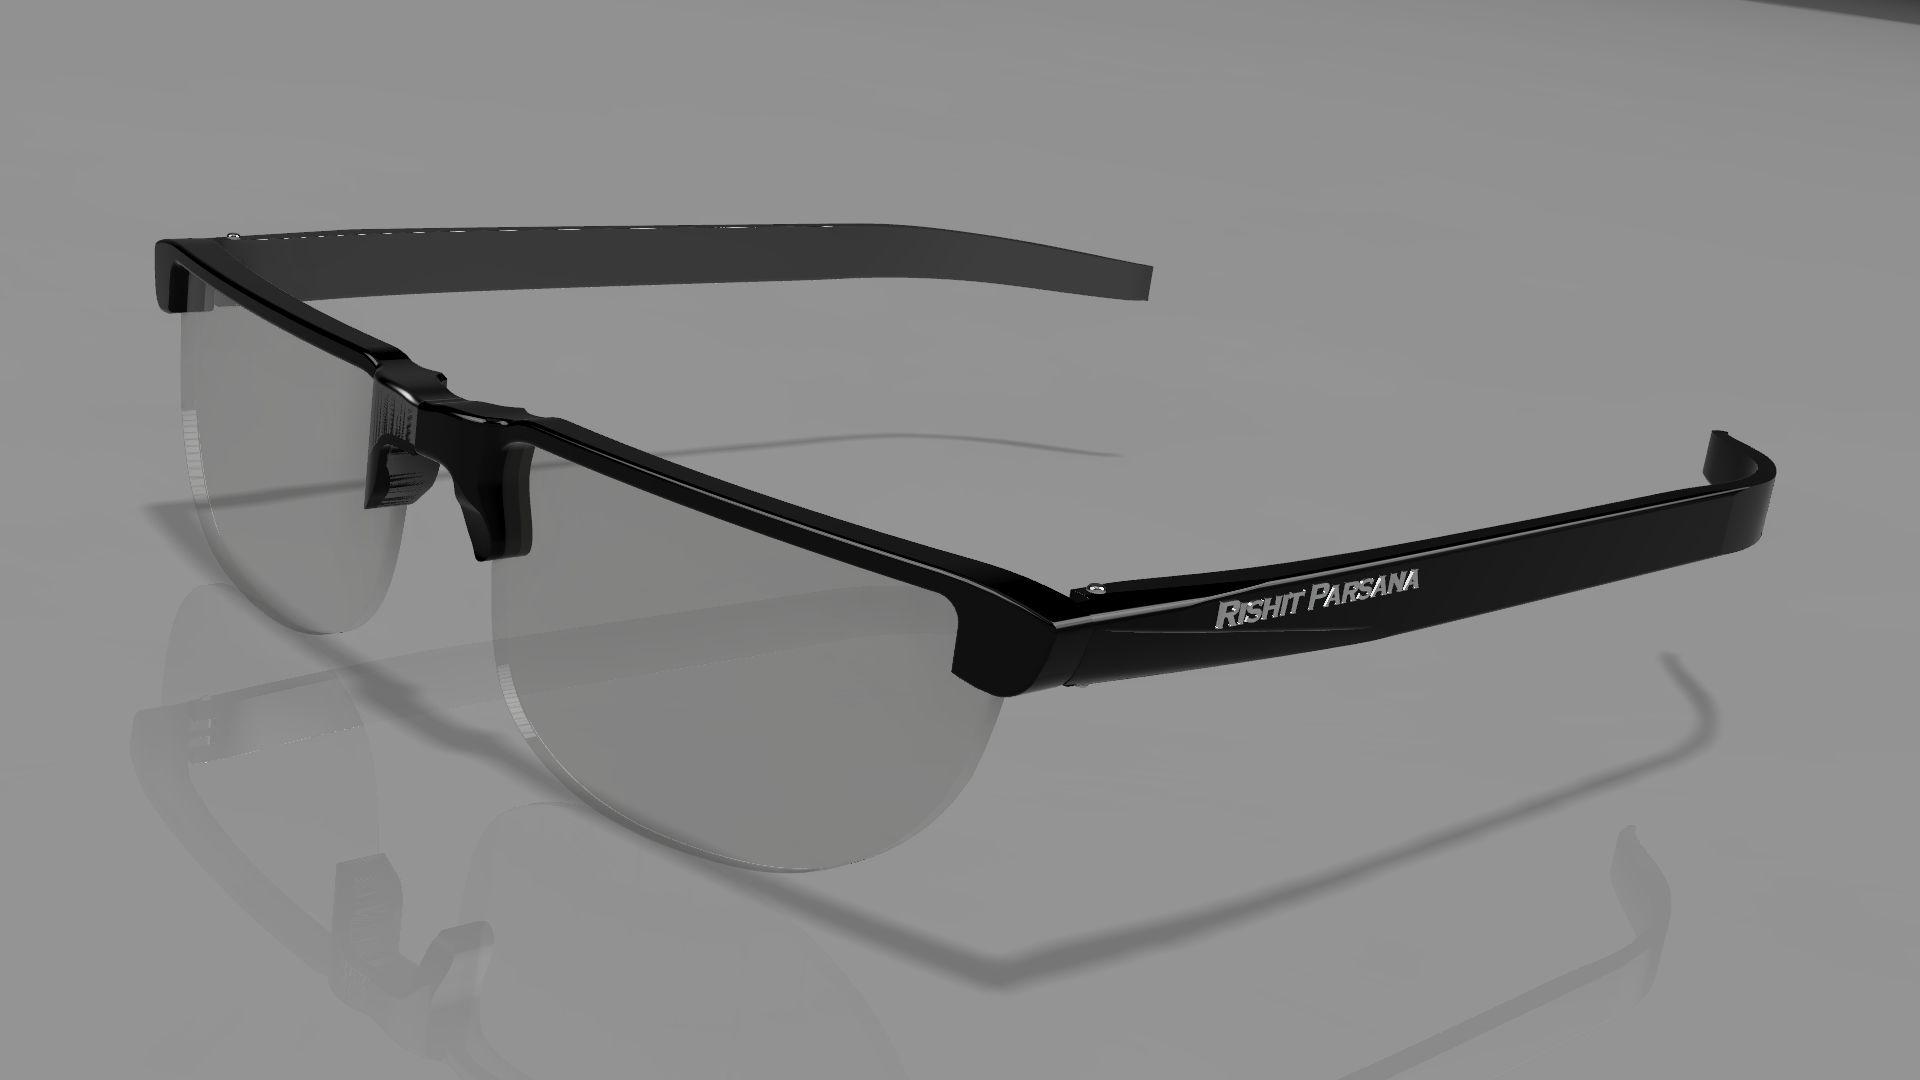 Spectacles-v0-v2-v3-3500-3500